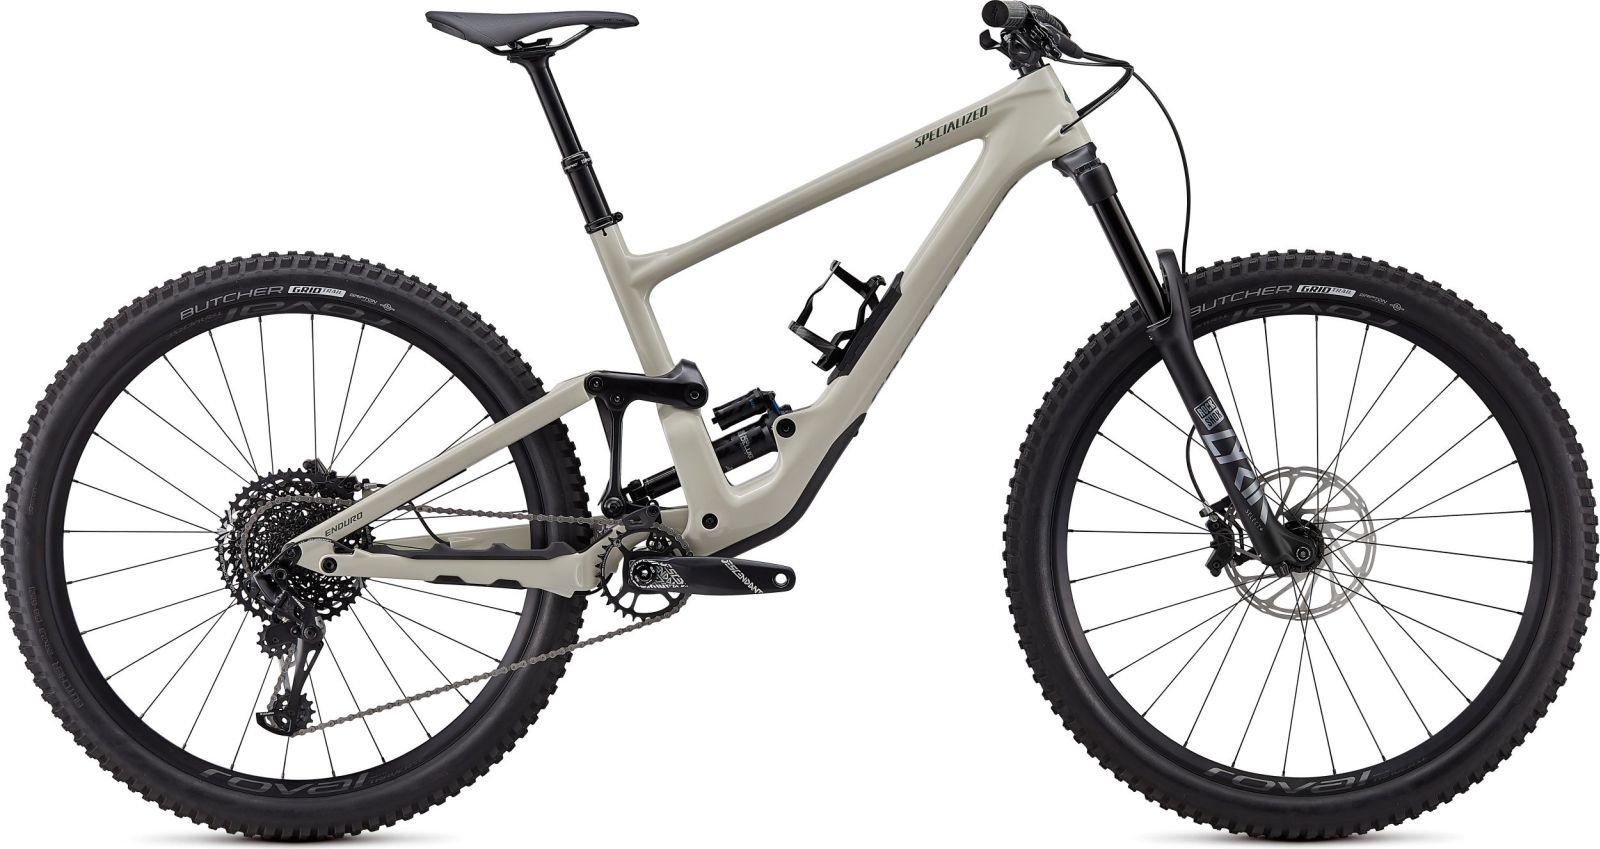 Specialized Enduro Elite Carbon 29 - gloss white mountains / satin carbon / sage S5